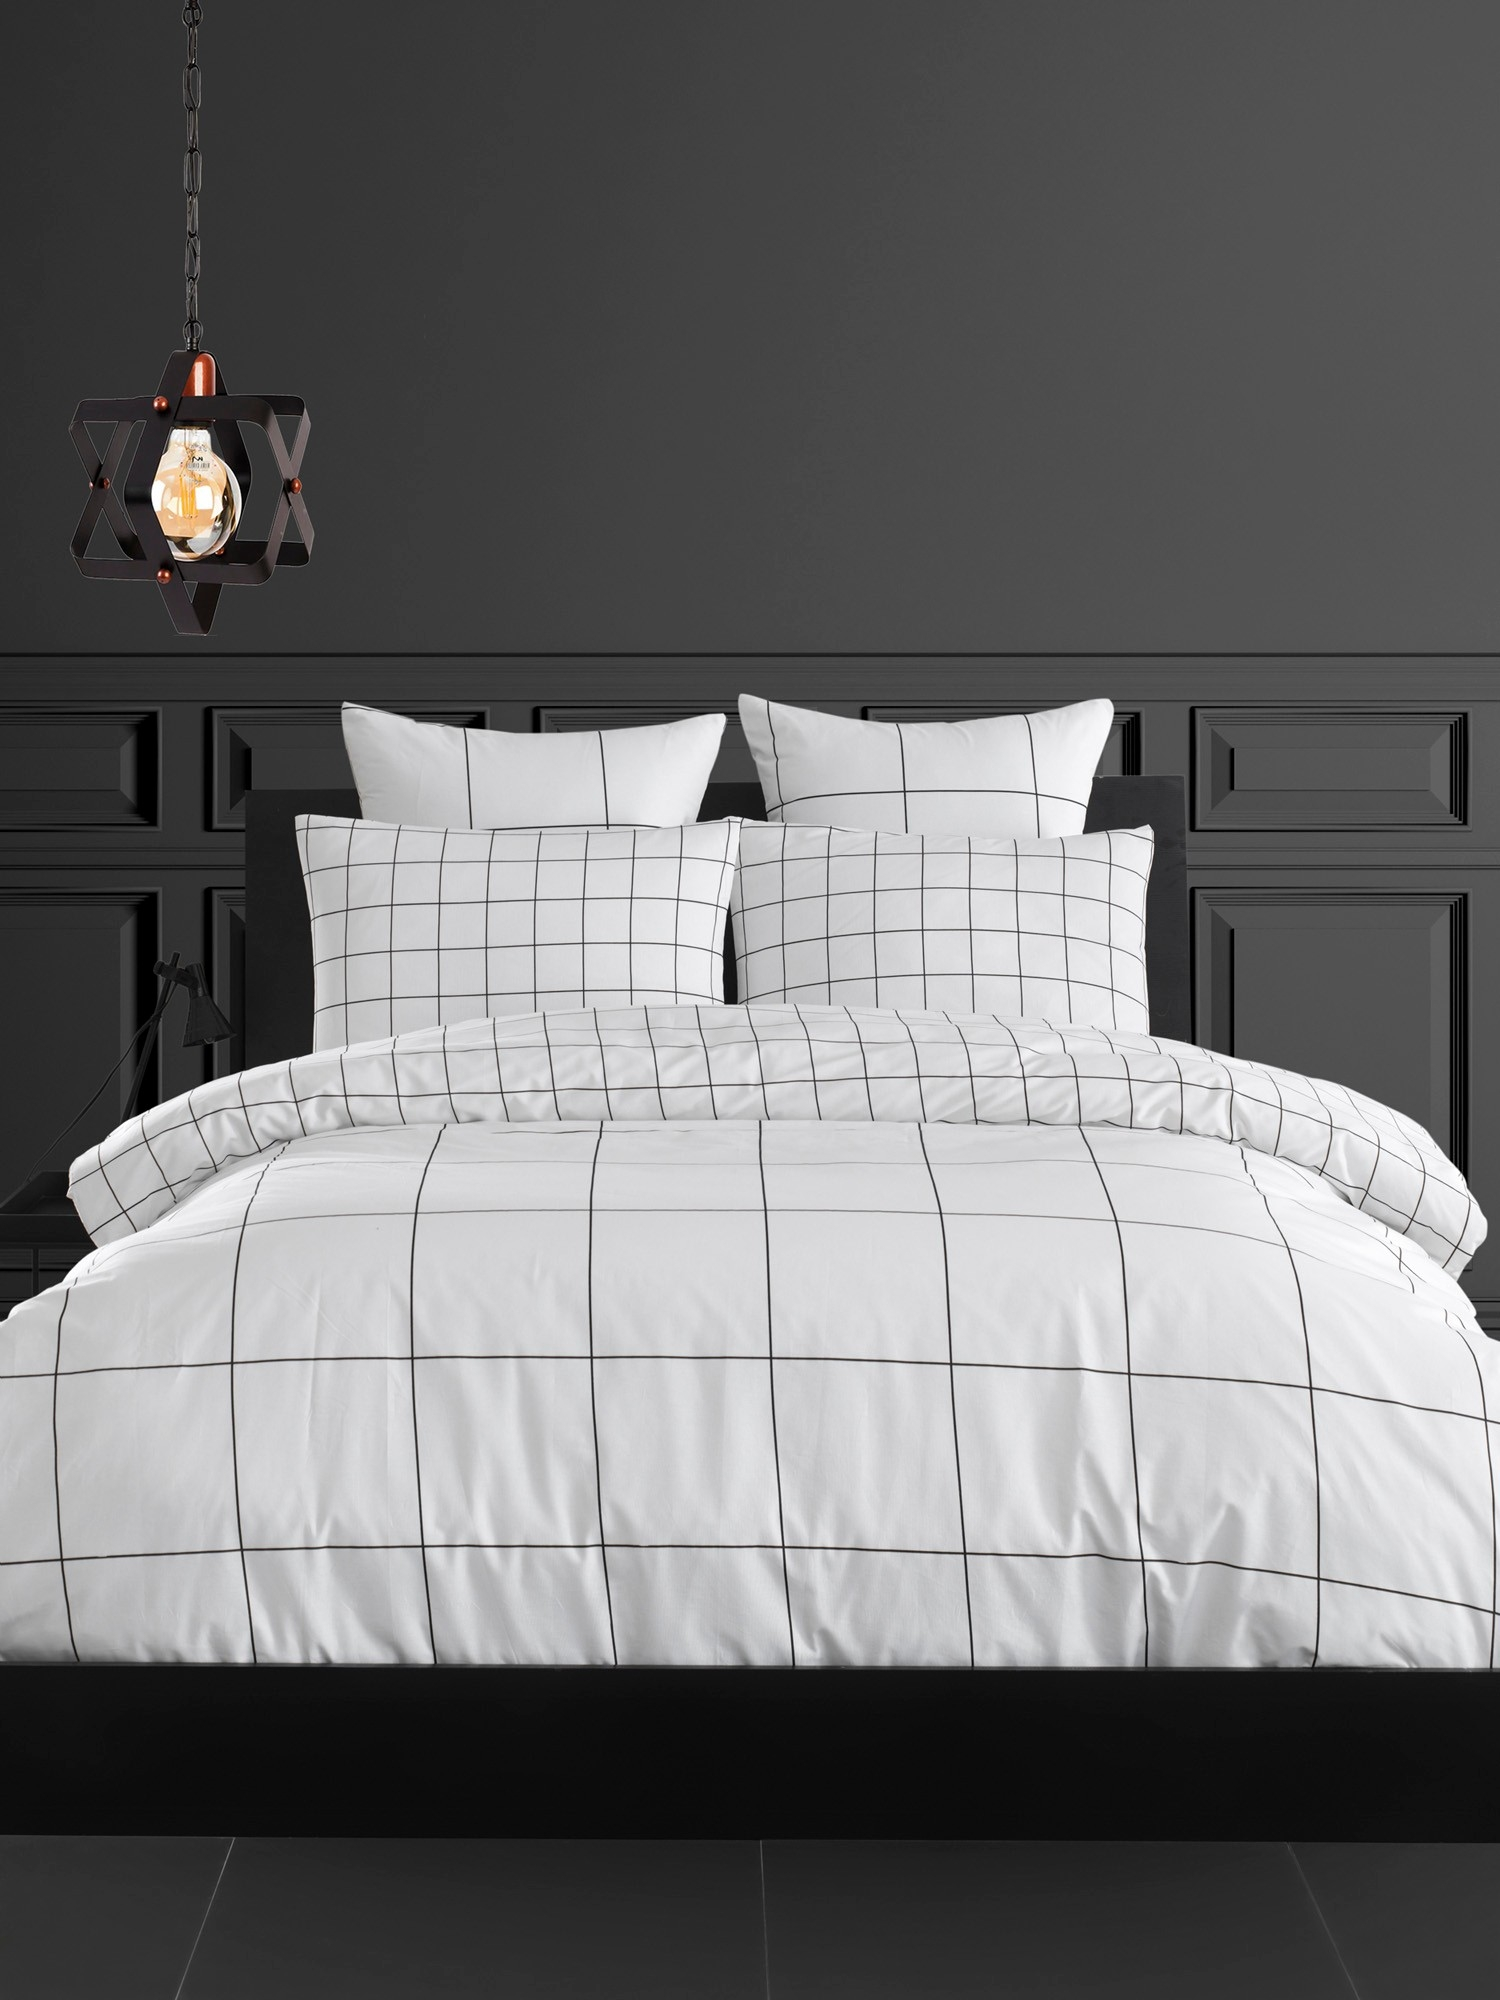 Lenjerie de pat din bumbac Ranforce Grandes Alb / Negru, 200 x 220 cm